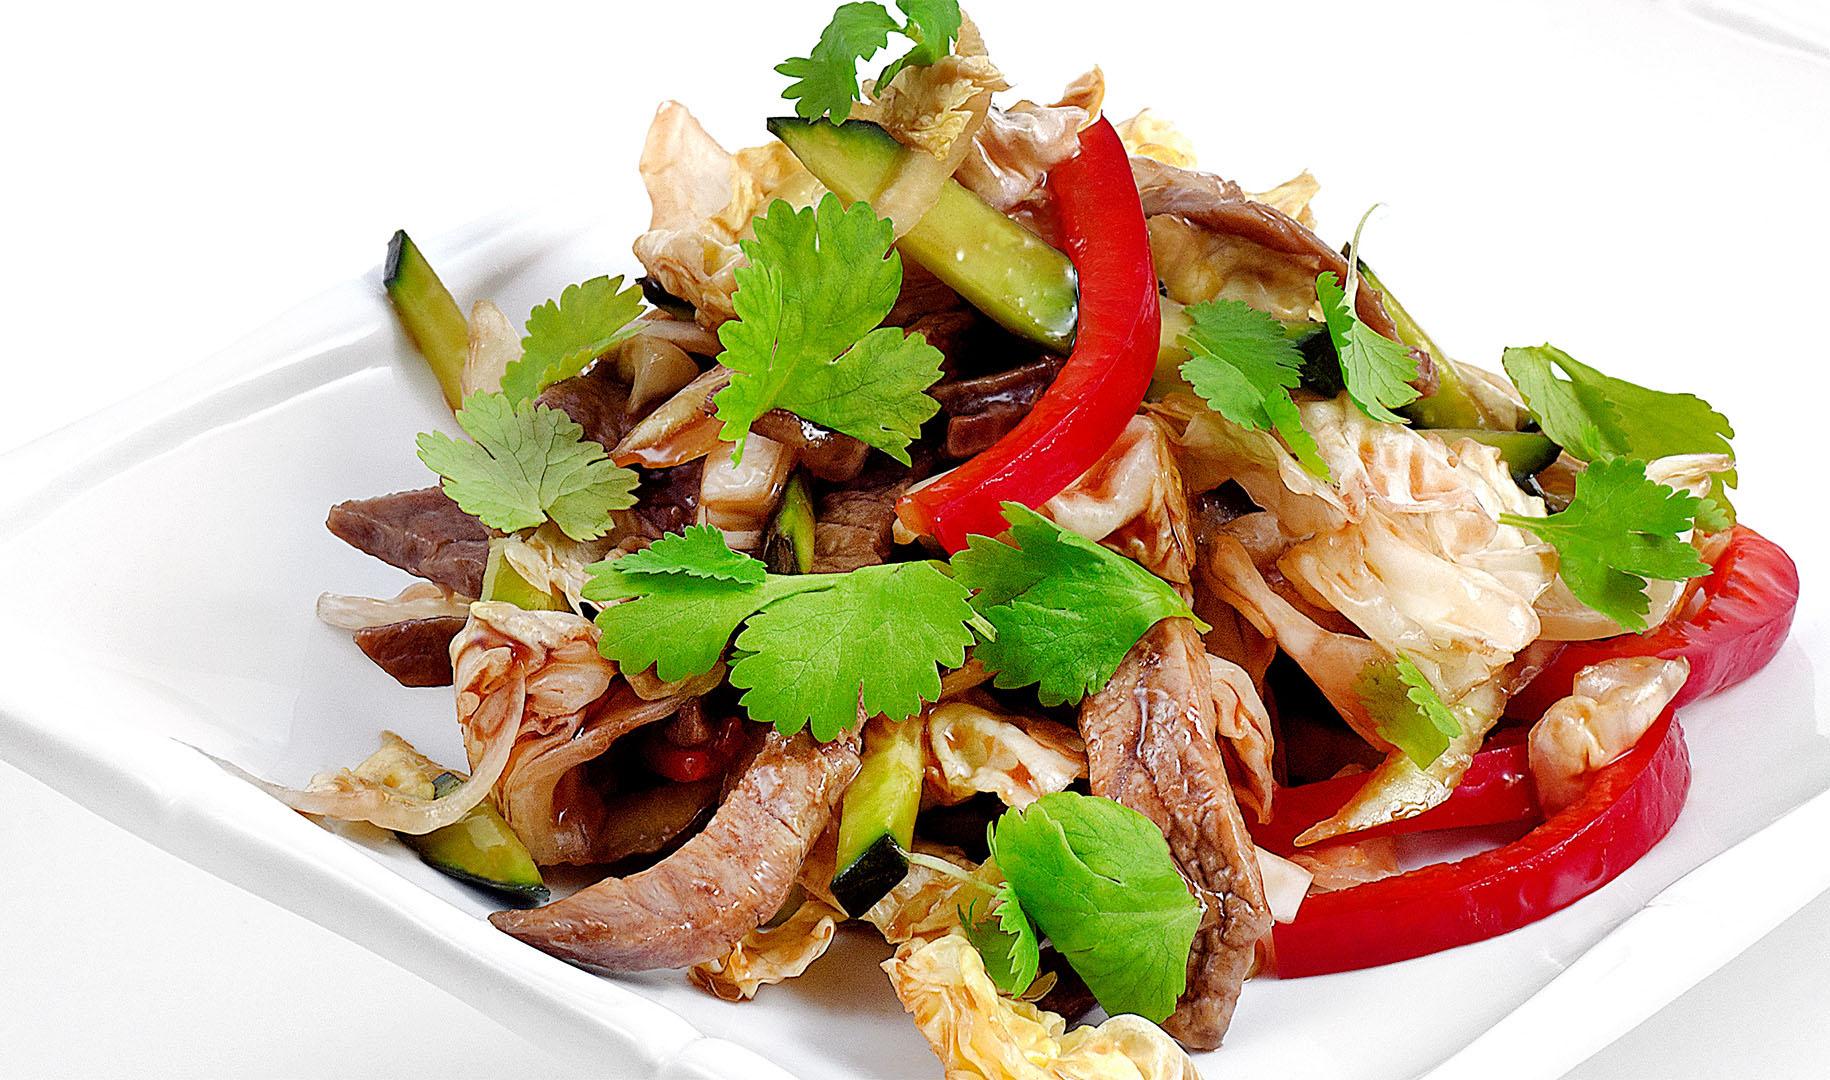 Диетический салат с говядиной - диетические рецепты для